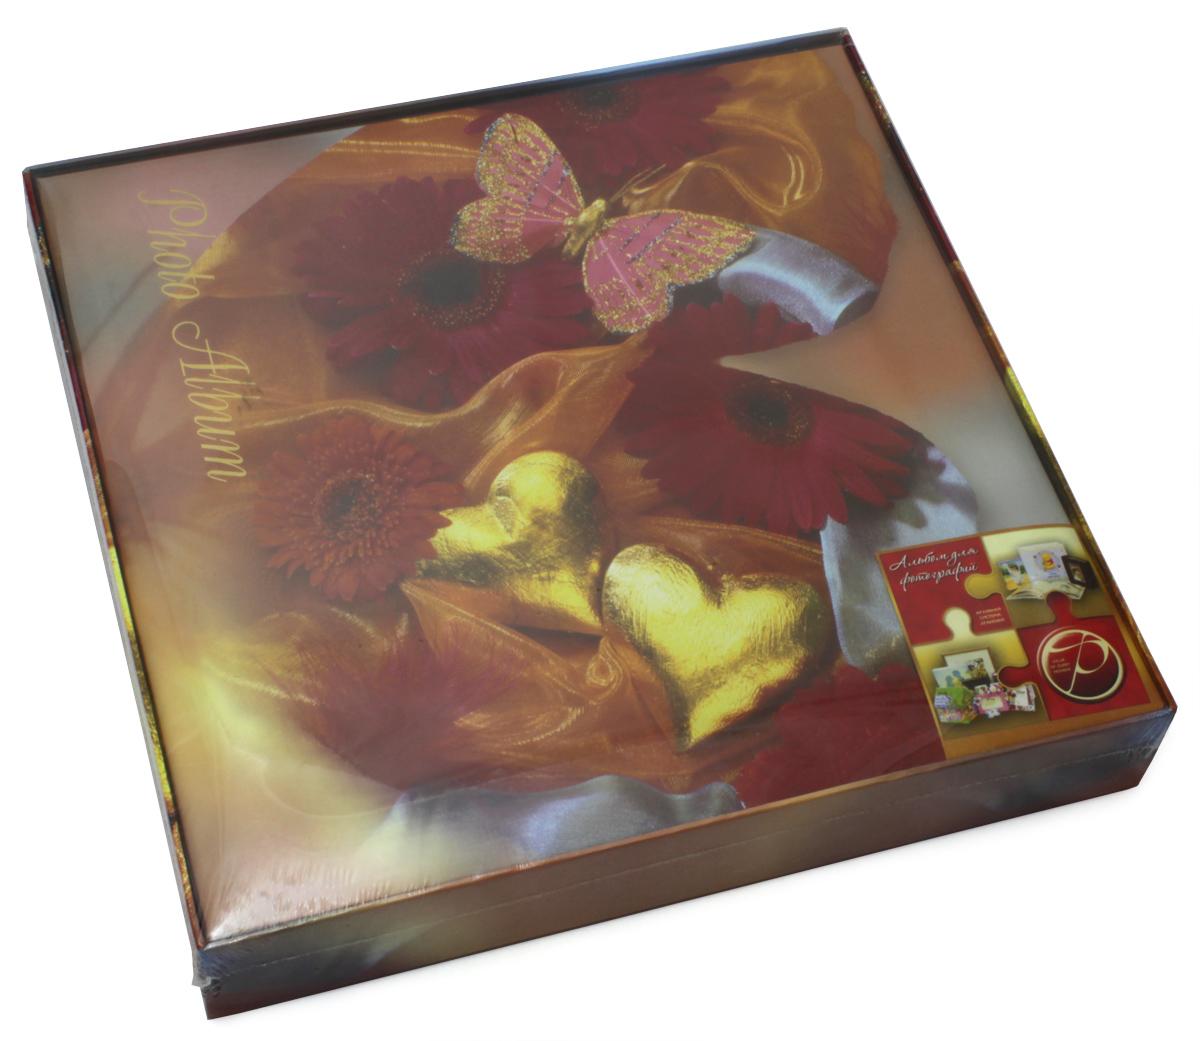 Фотоальбом Pioneer Butterfly Dream, 20 магнитных листов, 28 х 31 см. 12467339792/9781АФотоальбом Butterfly Dream поможет красиво оформить ваши фотографии. Обложка, выполненная из толстого ламинированного картона, оформлена ярким изображением. Альбом с магнитными листами удобен тем, что он позволяет размещать фотографии разных размеров. Тип переплета - болтовой. Материалы, использованные в изготовлении альбома, обеспечивают высокое качество хранения ваших фотографий, поэтому фотографии не желтеют со временем. Магнитные страницы обладают следующими преимуществами: - Не нужно прикладывать усилий для закрепления фотографий; - Не нужно заботиться о размерах фотографий, так как вы можете вставить в альбом фотографии разных размеров; - Защита фотографий от постоянных прикосновений зрителей с помощью пленки ПВХ. Нам всегда так приятно вспоминать о самых счастливых моментах жизни, запечатленных на фотографиях. Поэтому фотоальбом является универсальным подарком к любому празднику. Количество...